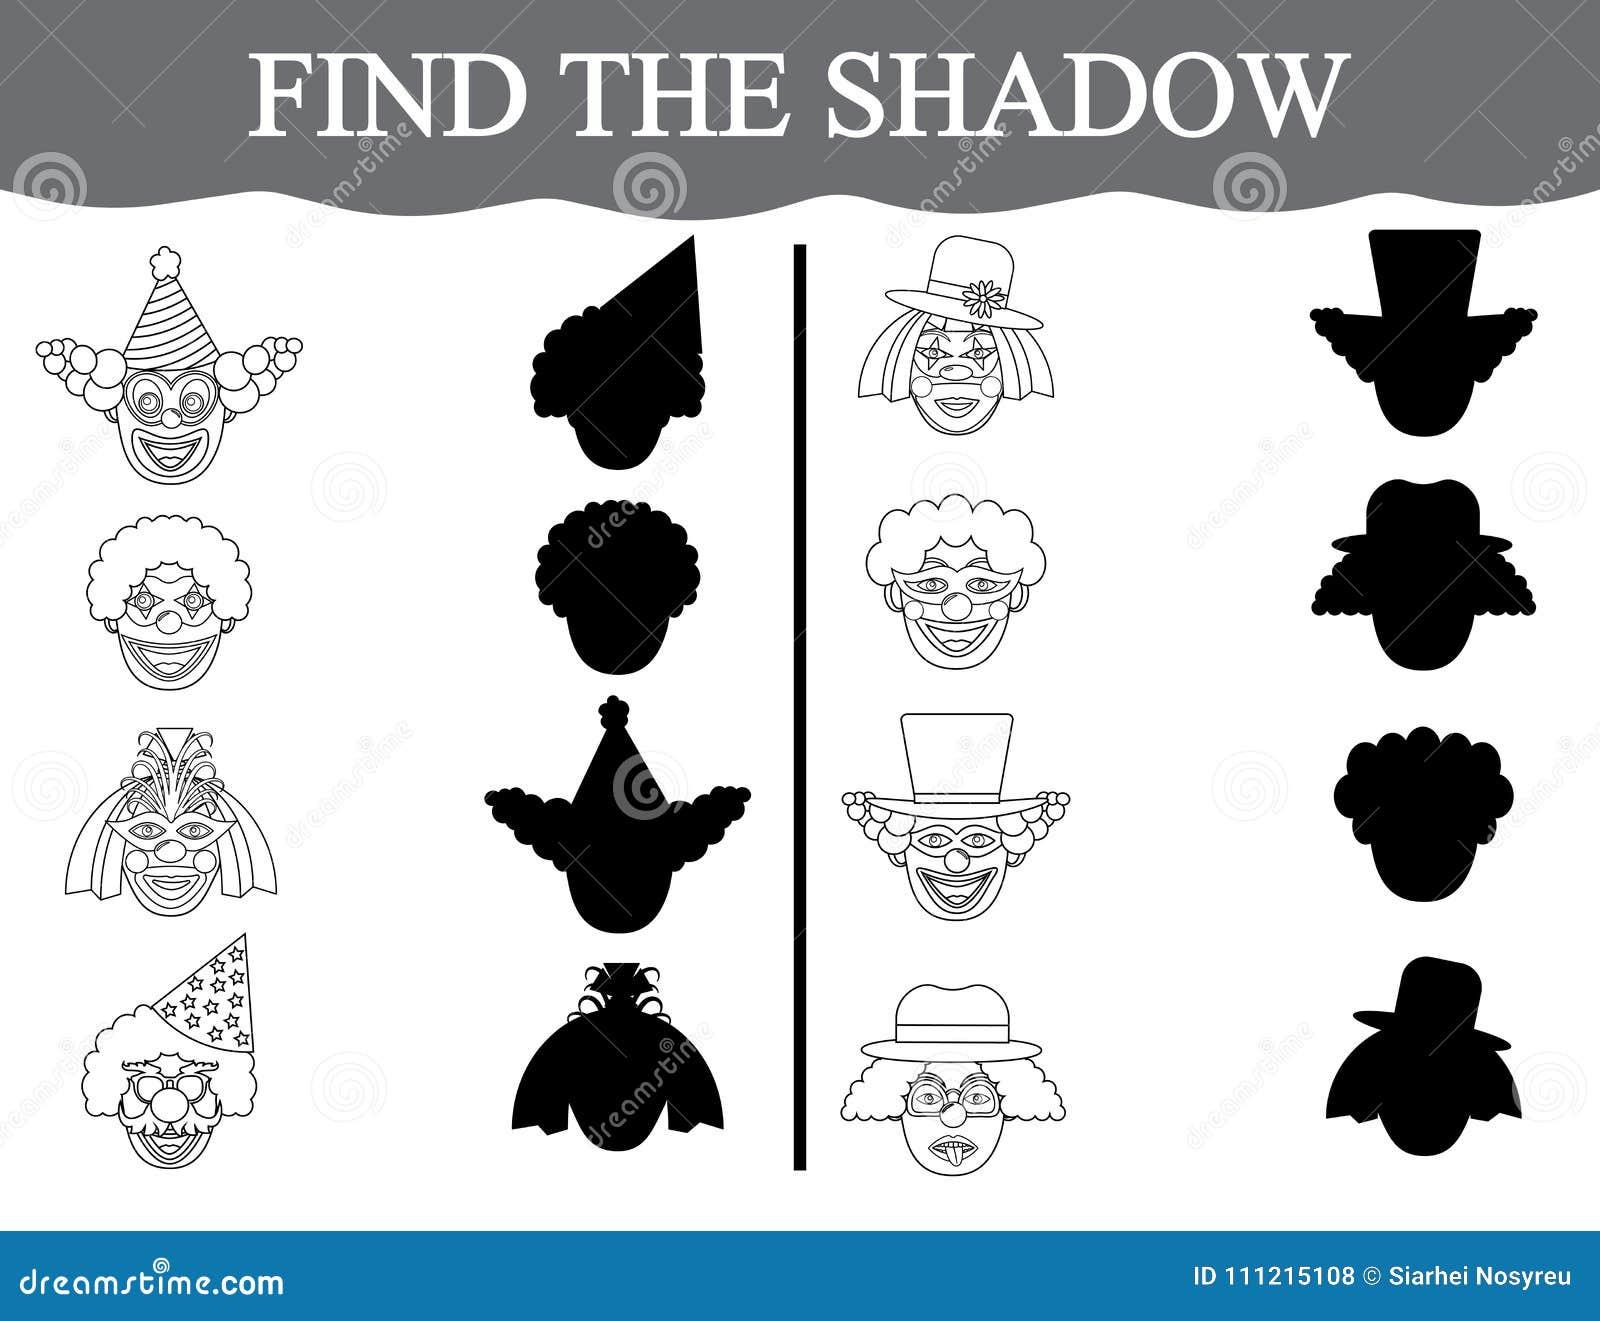 Finden Sie die Schatten von clown's Gesichtern und färben Sie sie Sichtlernspiel für Vorschulkinder